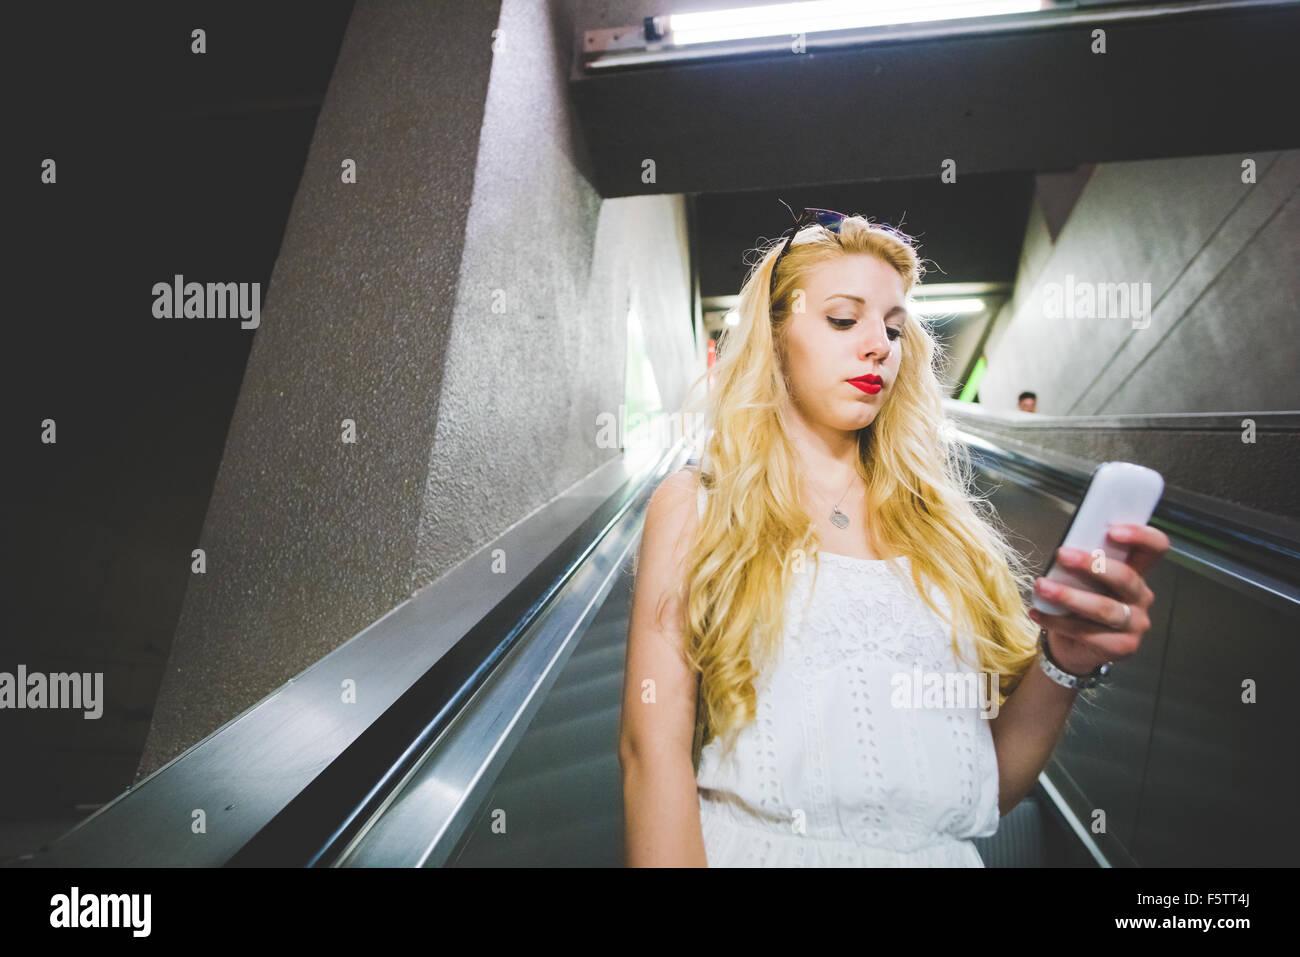 Demi-longueur de jeunes beau young blonde woman on a les cheveux raides escaliers mécaniques dans le métro, Photo Stock